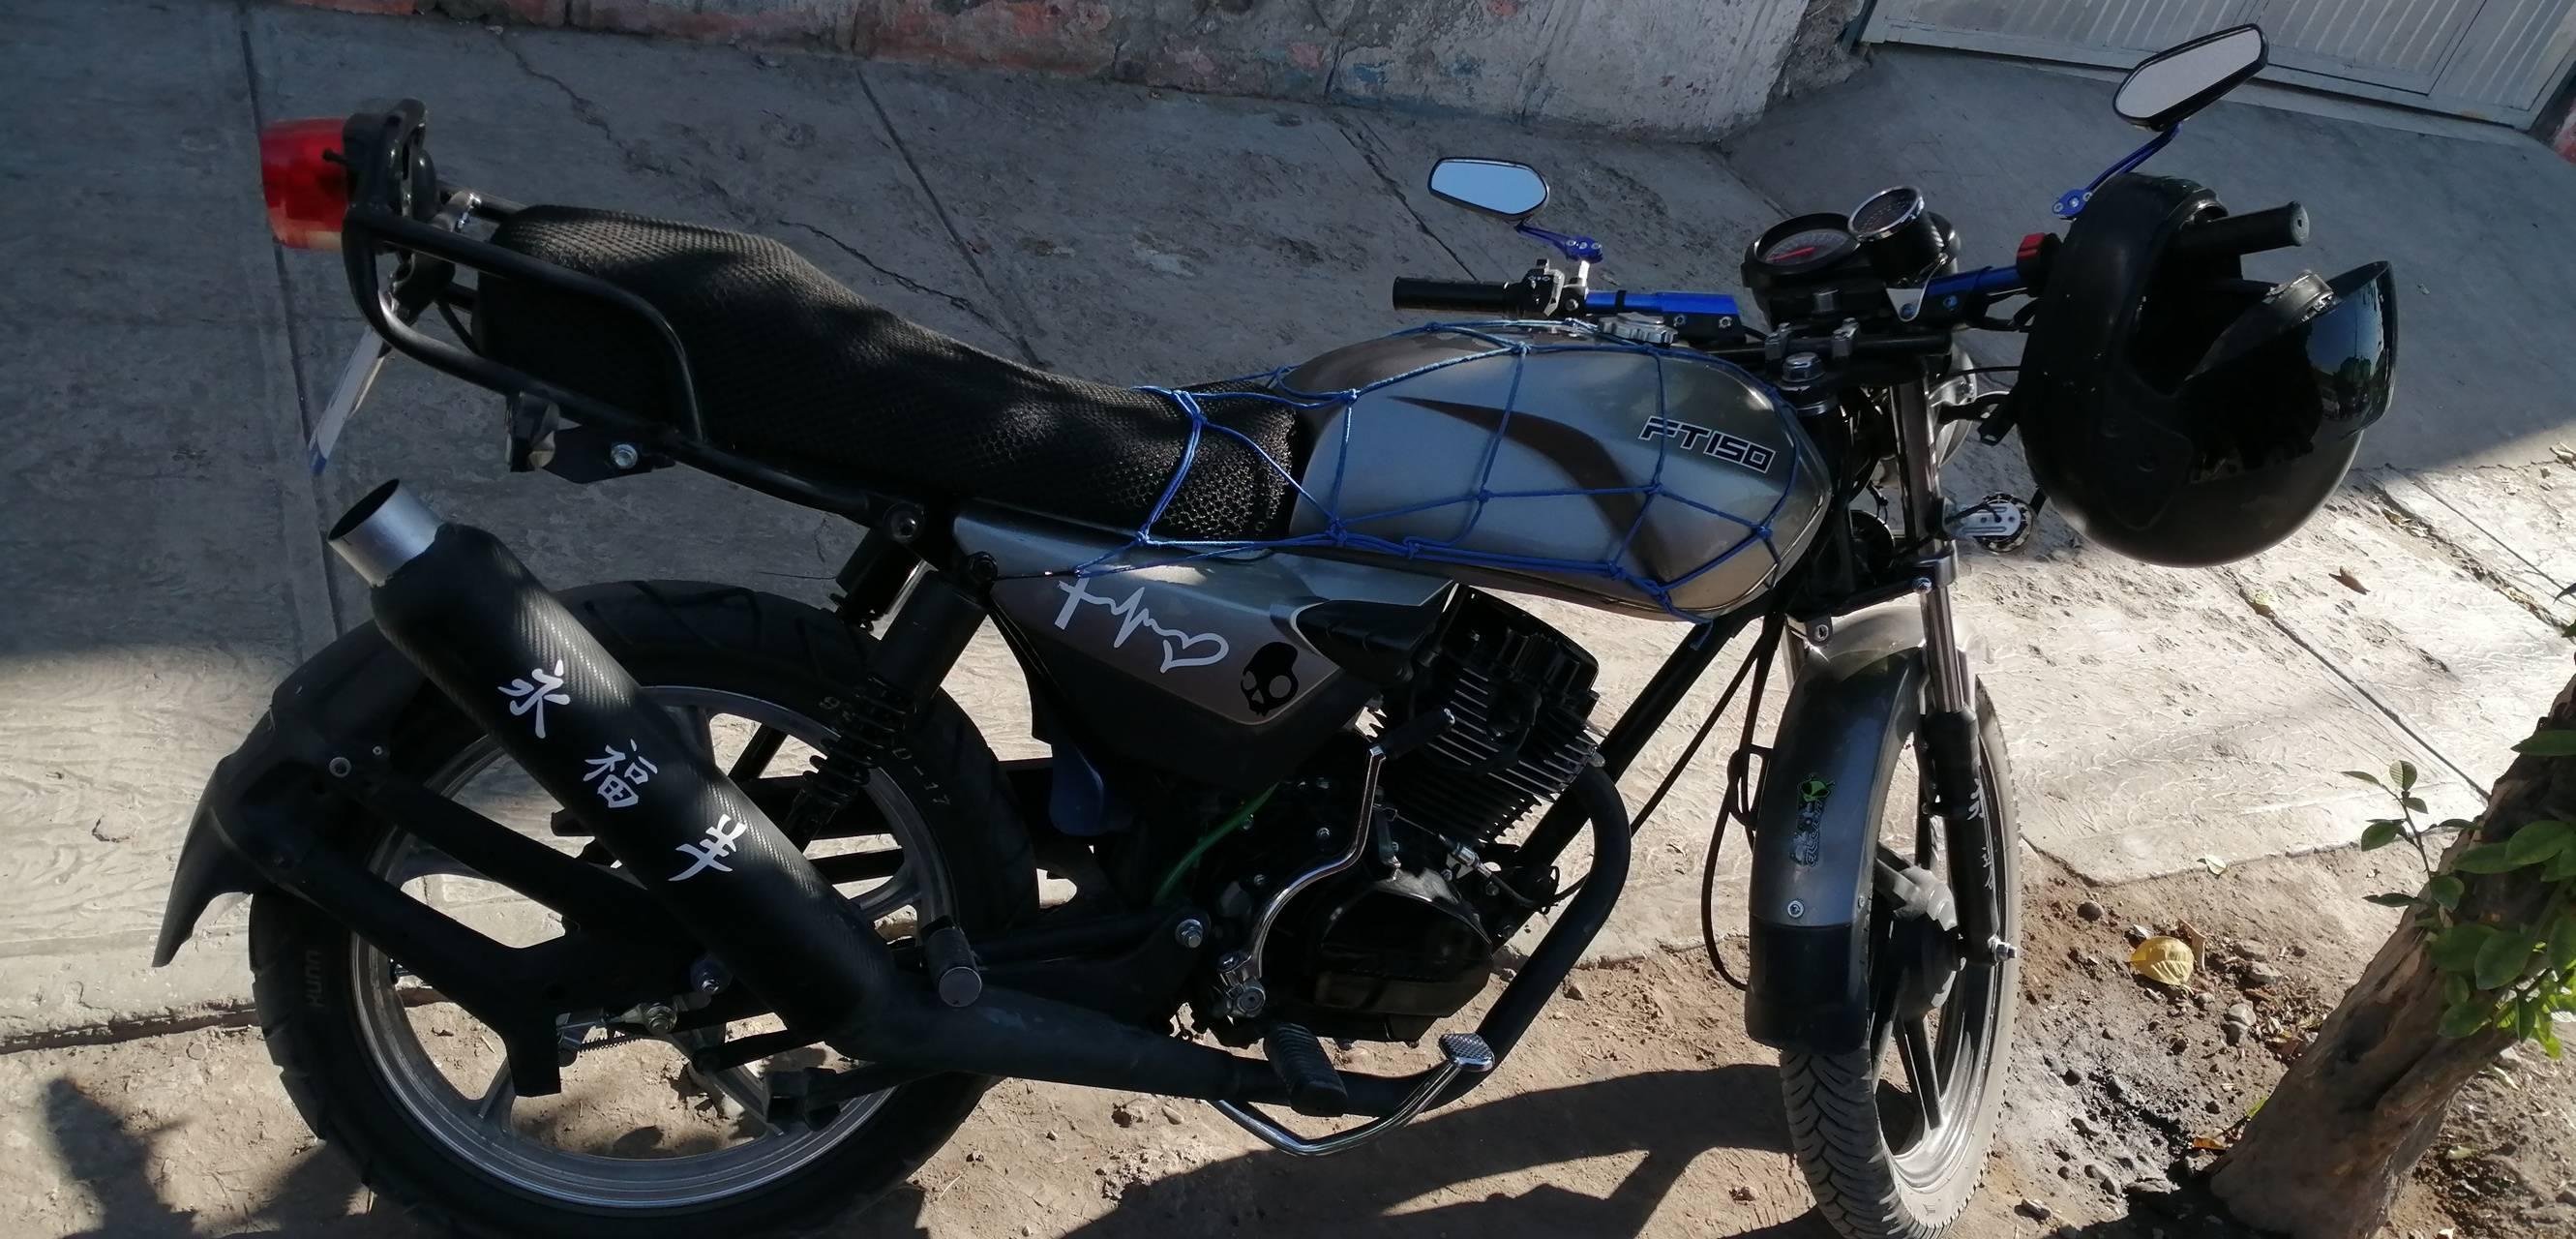 Valkiria ft-150